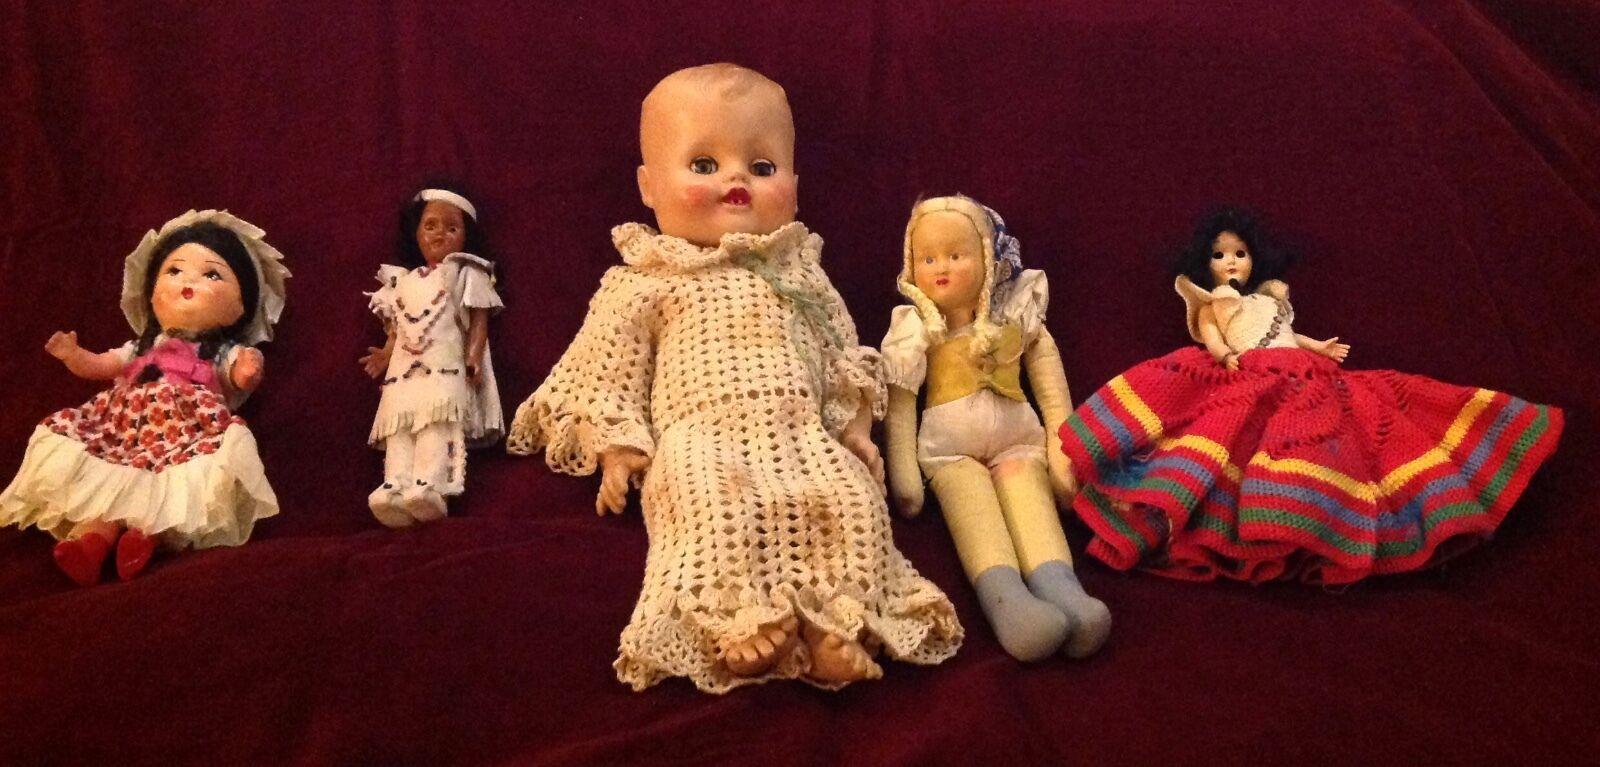 Dolls & Bears Antique (pre-1930) Zb945 Dersey Doll 22236 Poupée Souple Avec Tête Bras Jambes En Vinyle Enfant 41